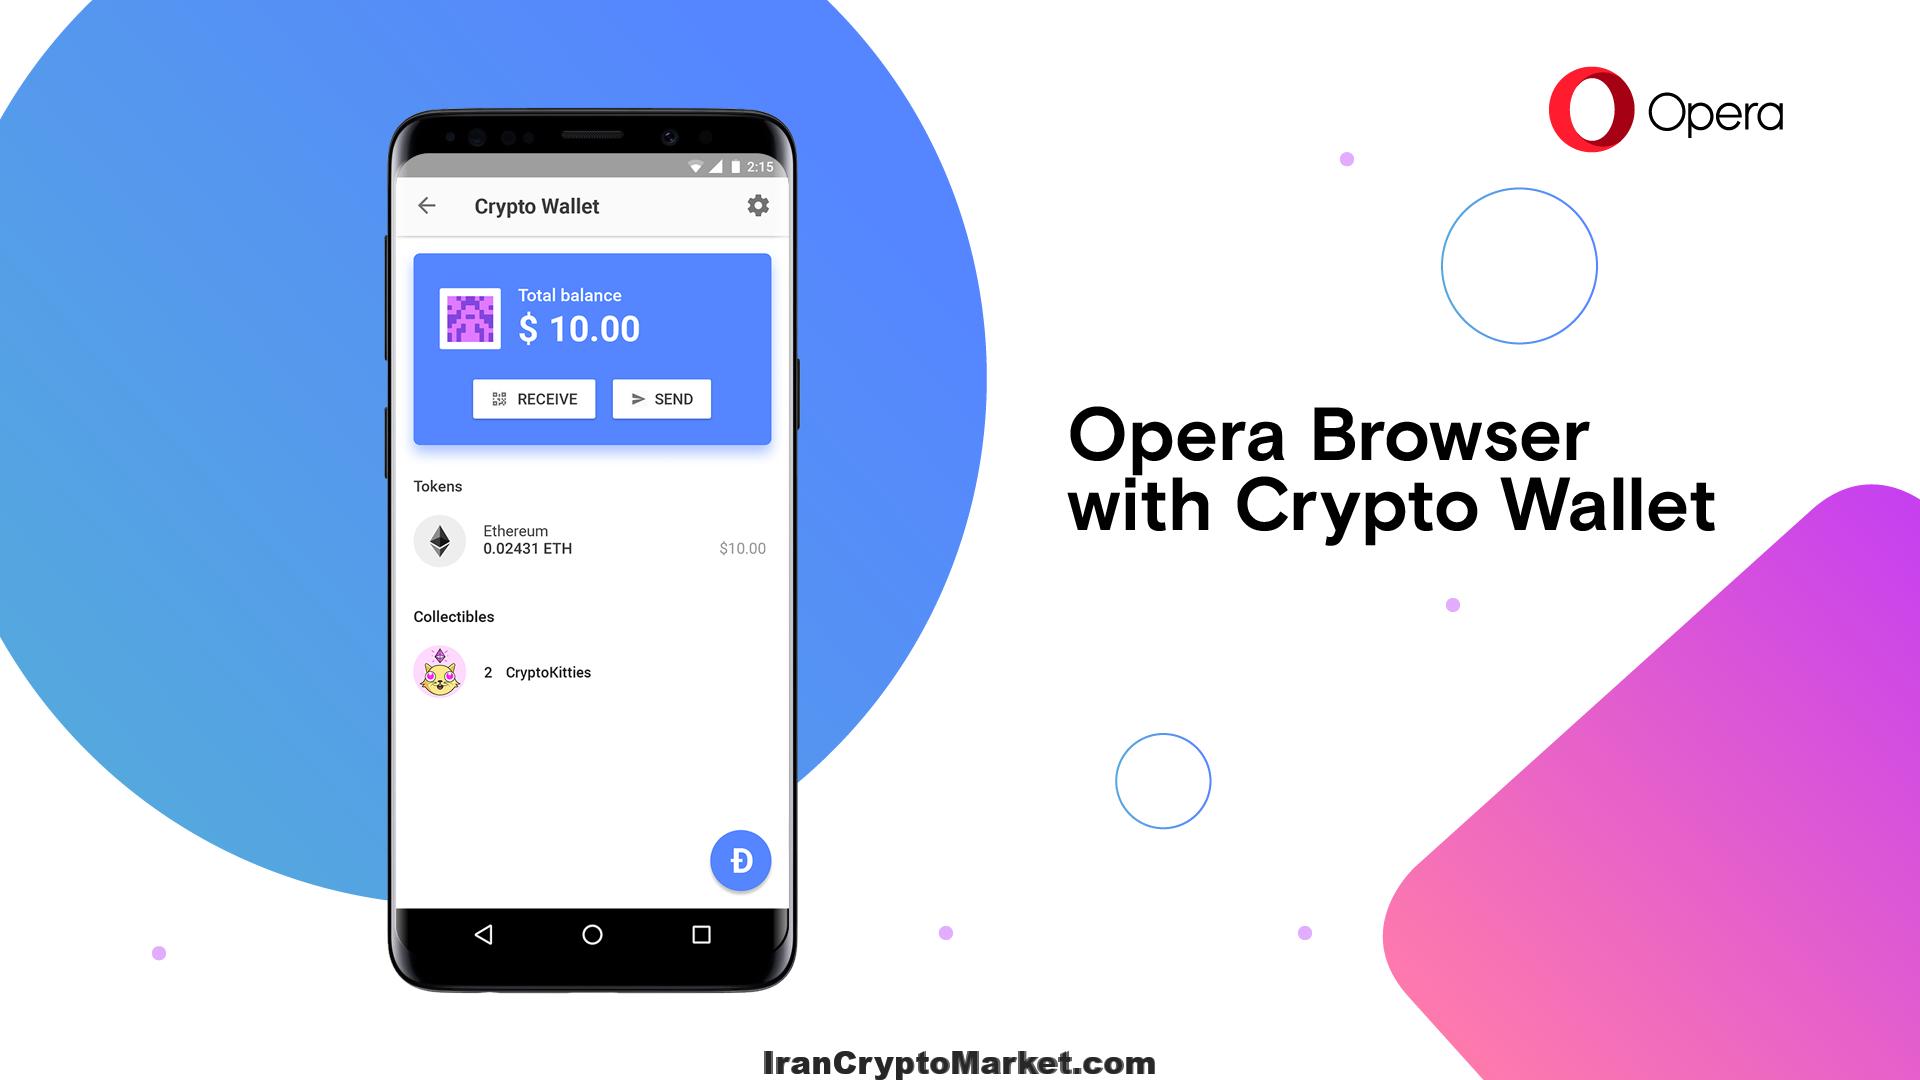 مرورگر جدید اپرا - Opera Labs با قابلیت کیف پول ارز دیجیتال